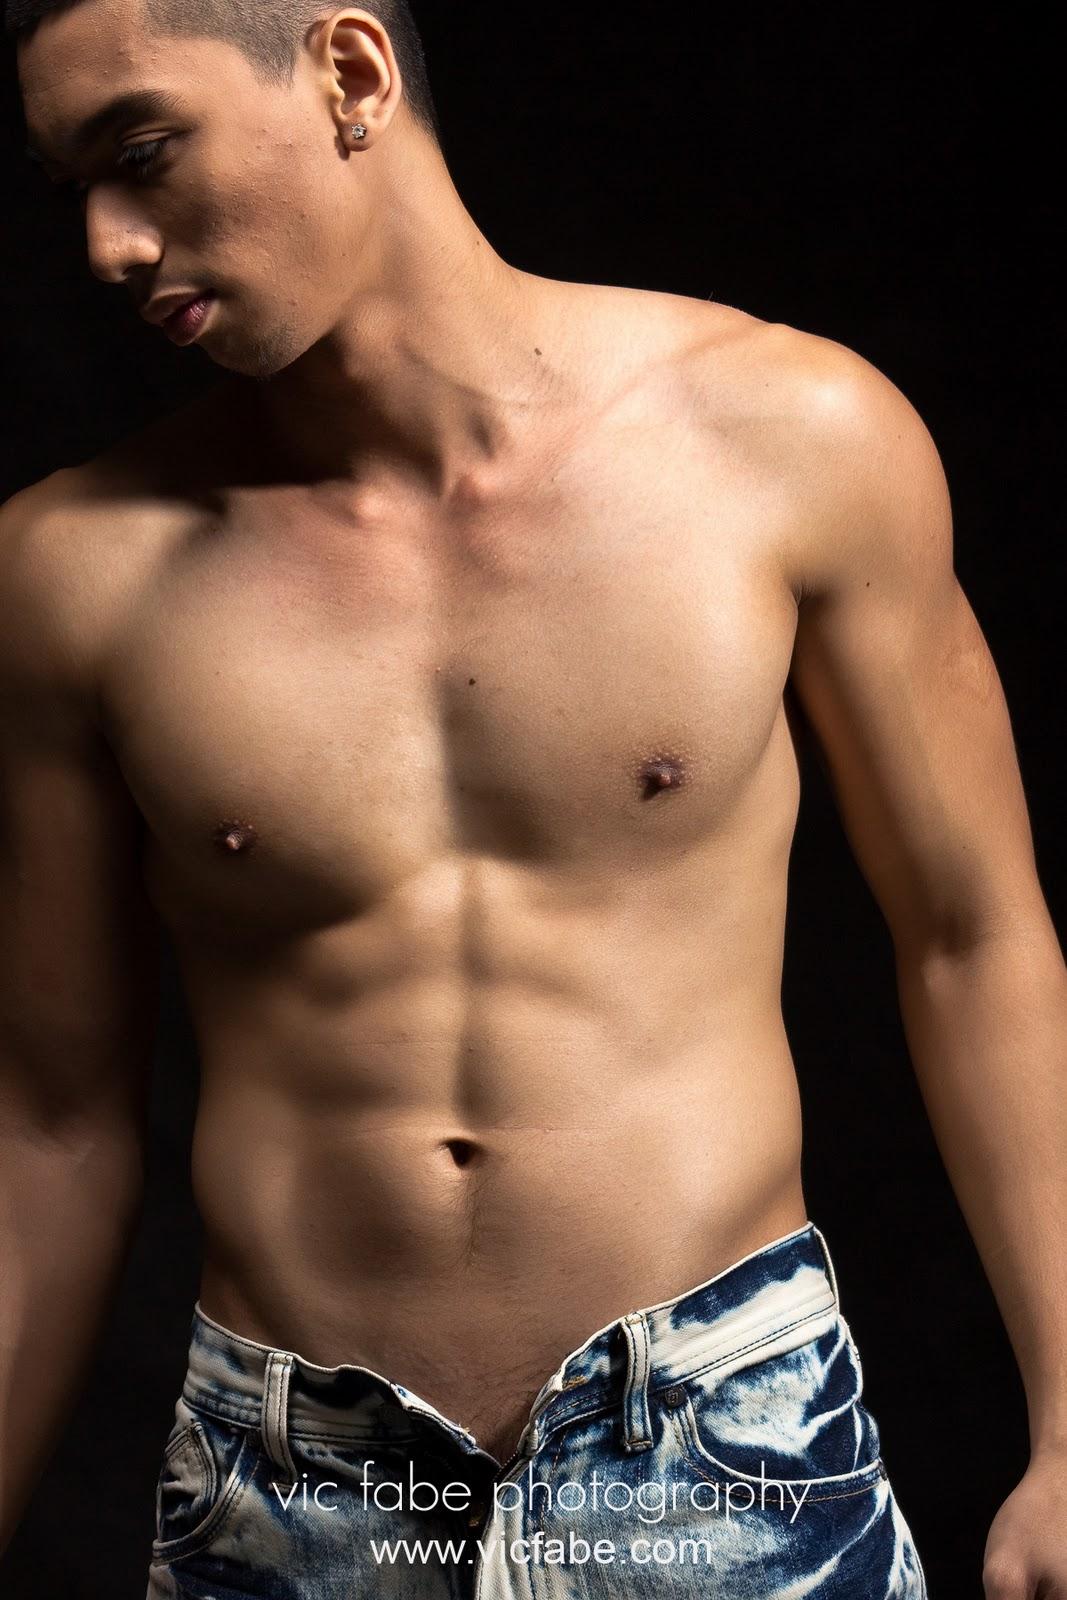 james jam male manila model poses models photo photography portfolio ...